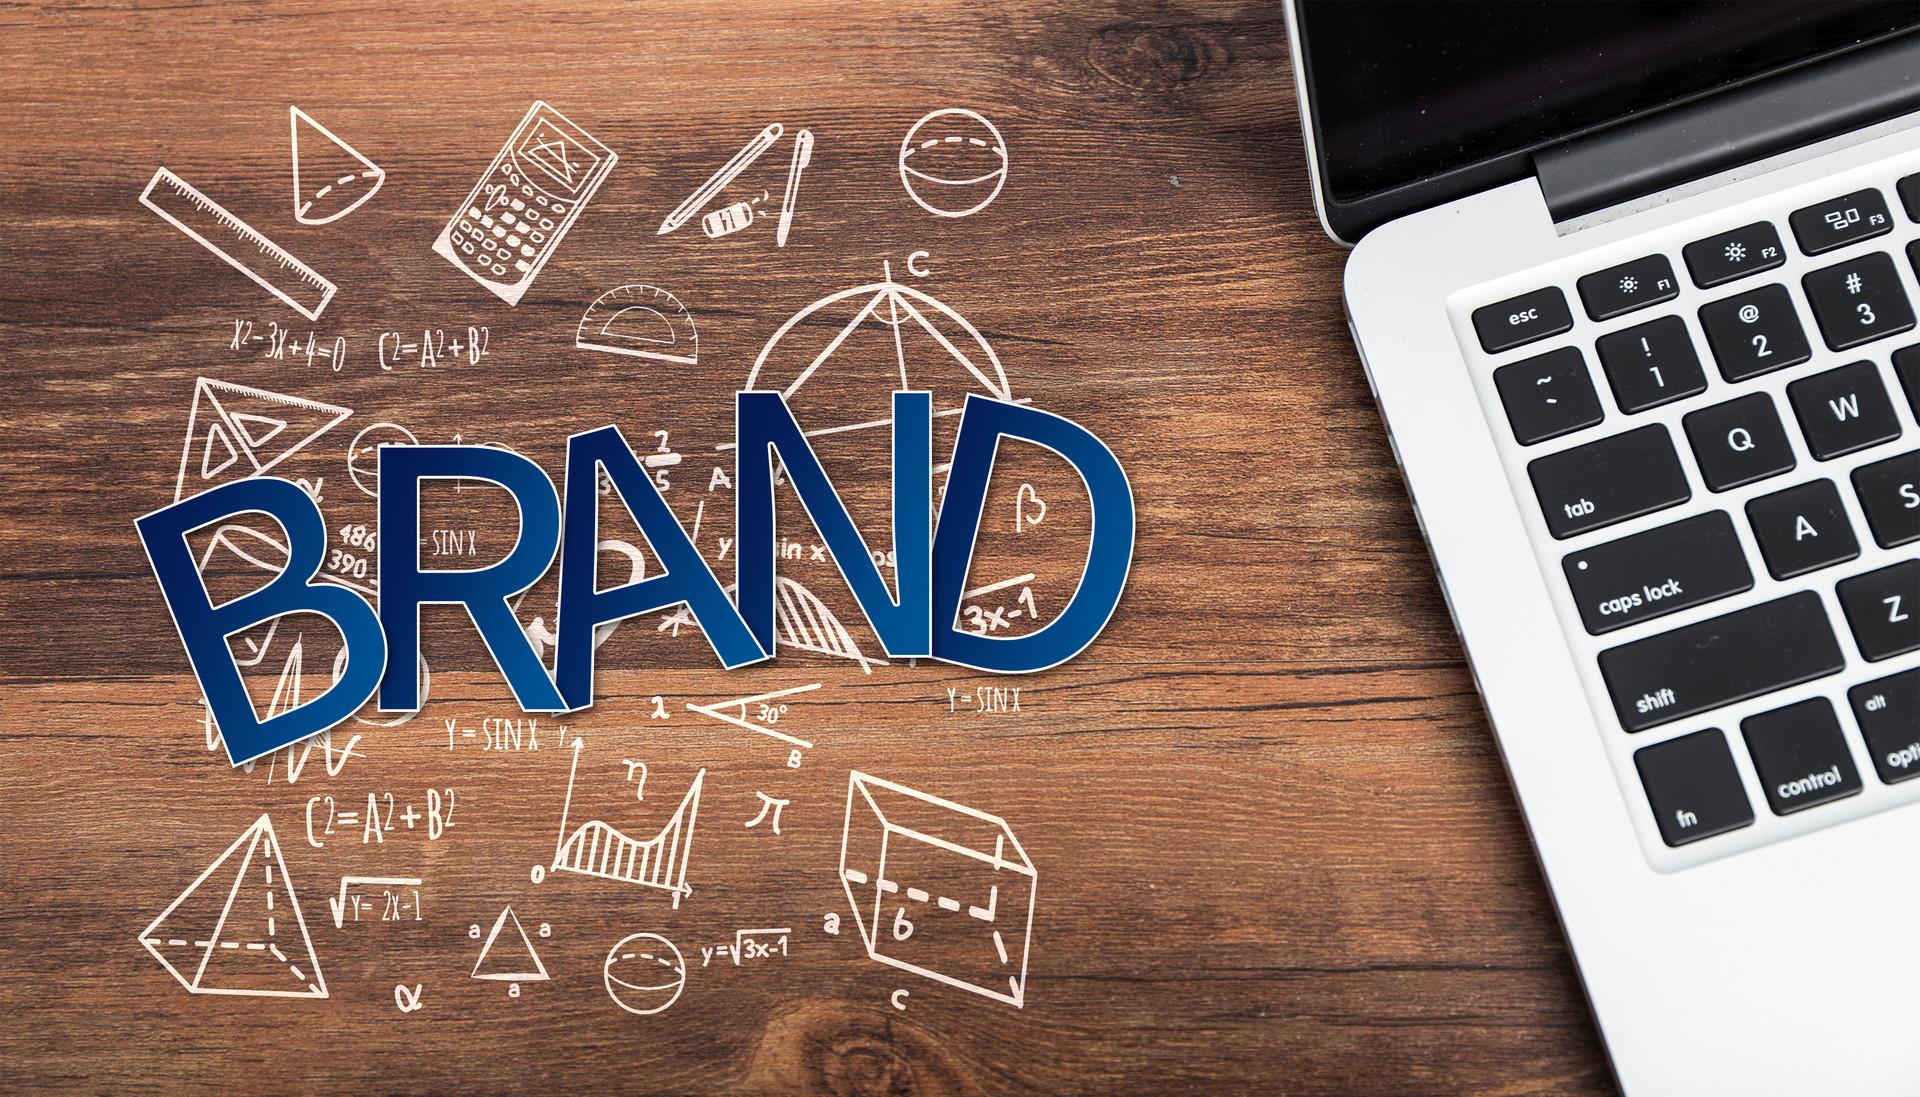 企业做好品牌直播的五个招式